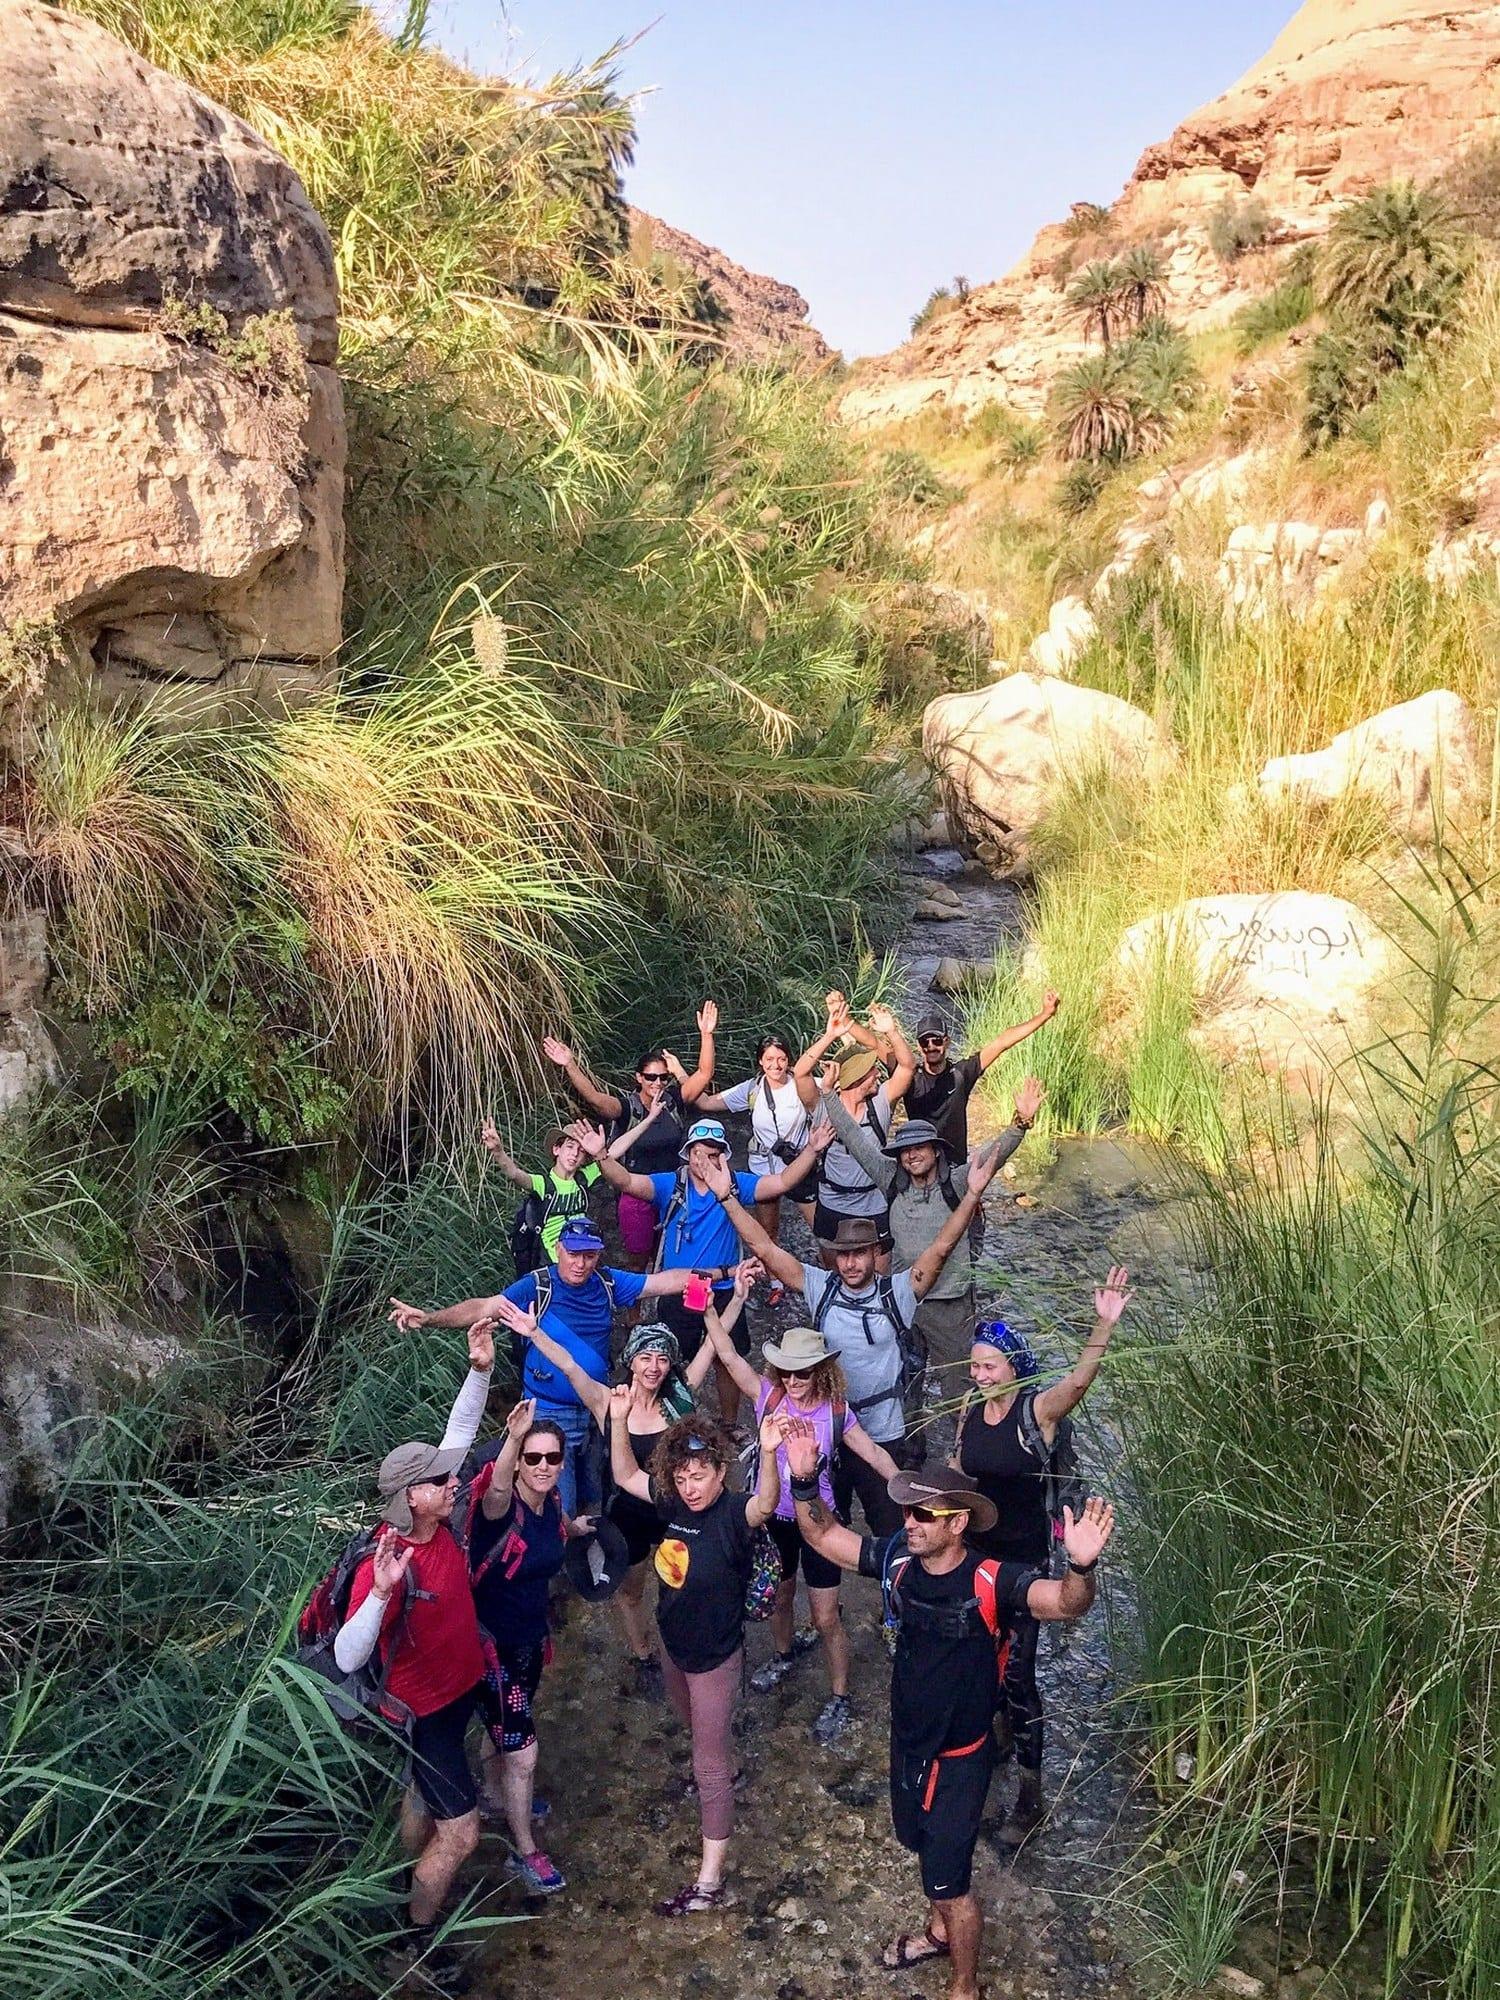 מטיילים בירדן עם ערוצים בטבע - Jordan